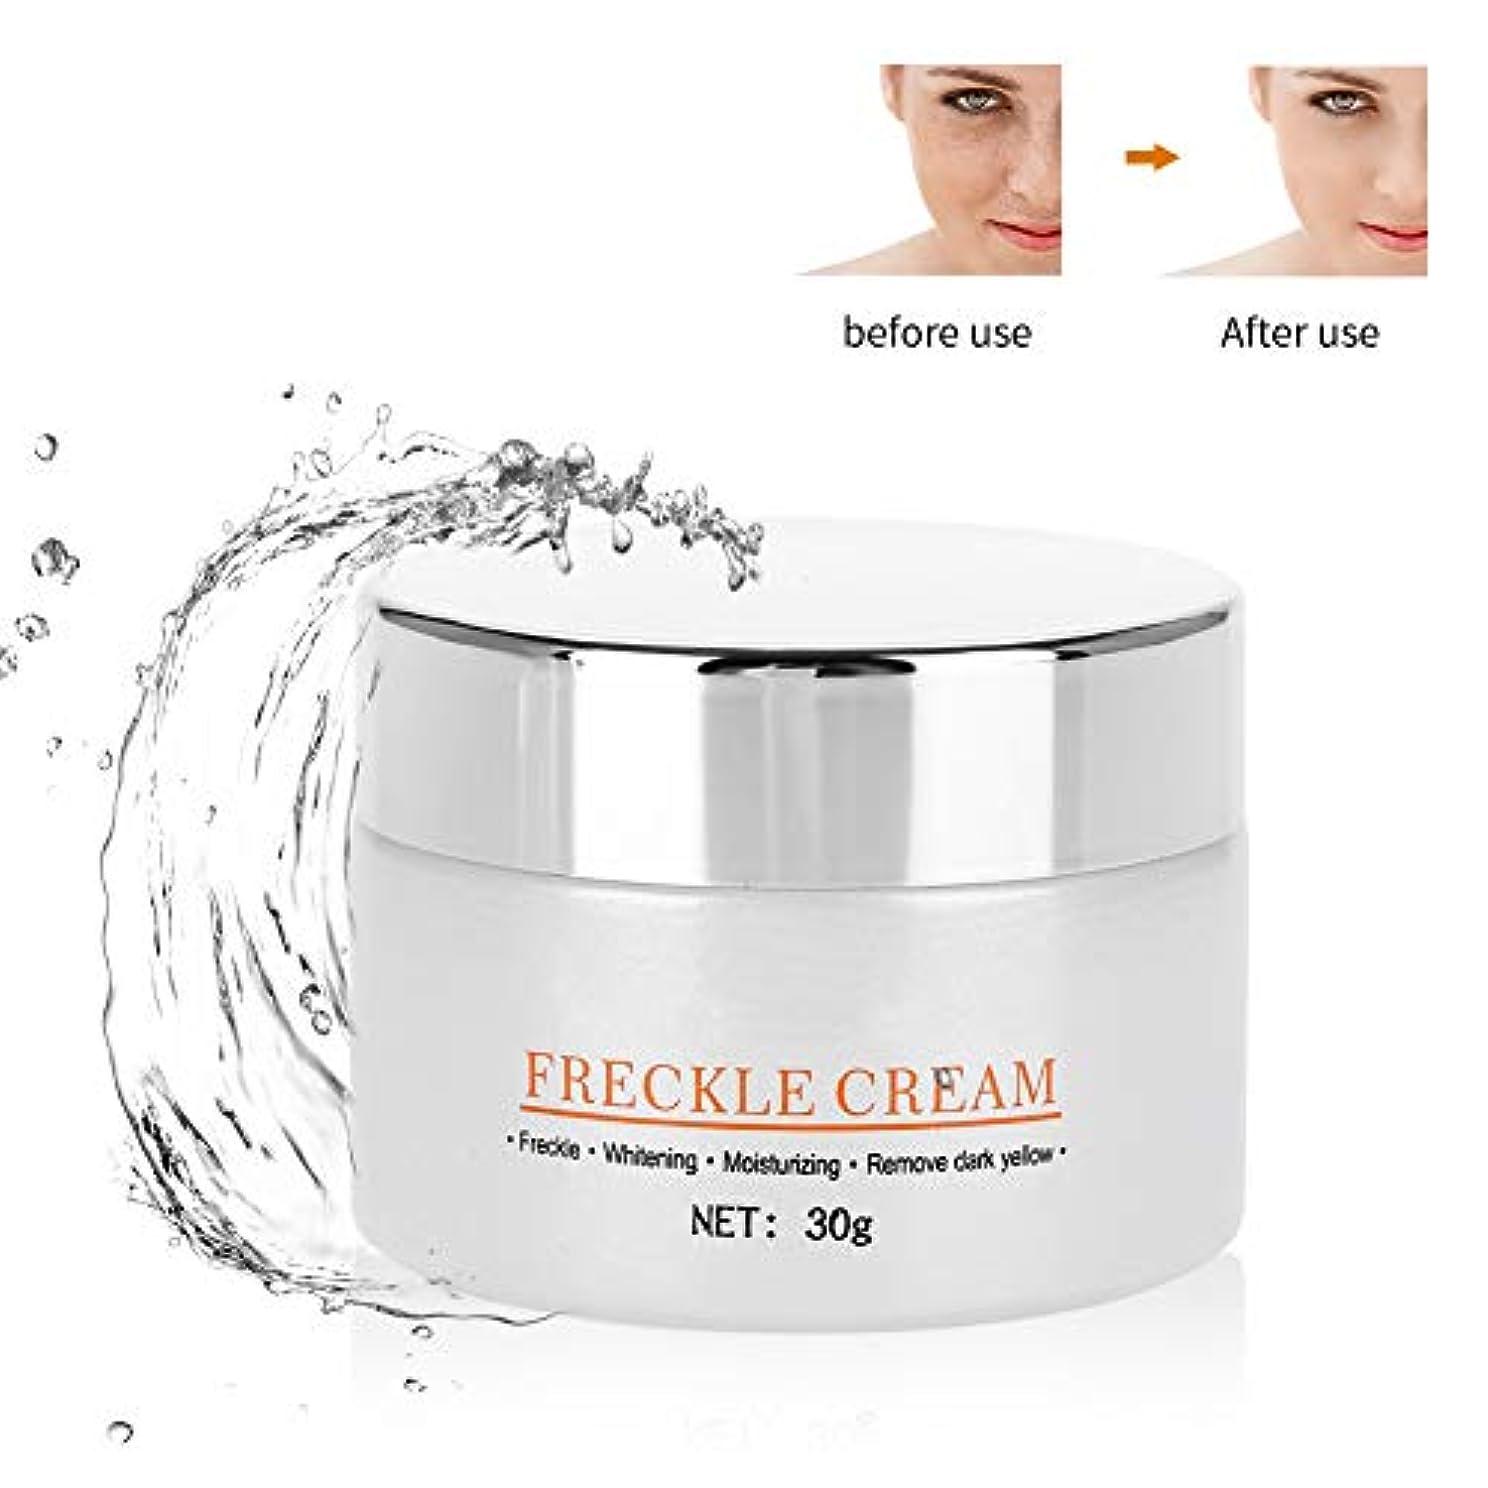 卵アパル瞬時にSemmeそばかすの除去剤のクリーム、暗い点のための血清の取り外しを傷つける顔の皮は傷を修理します傷をします